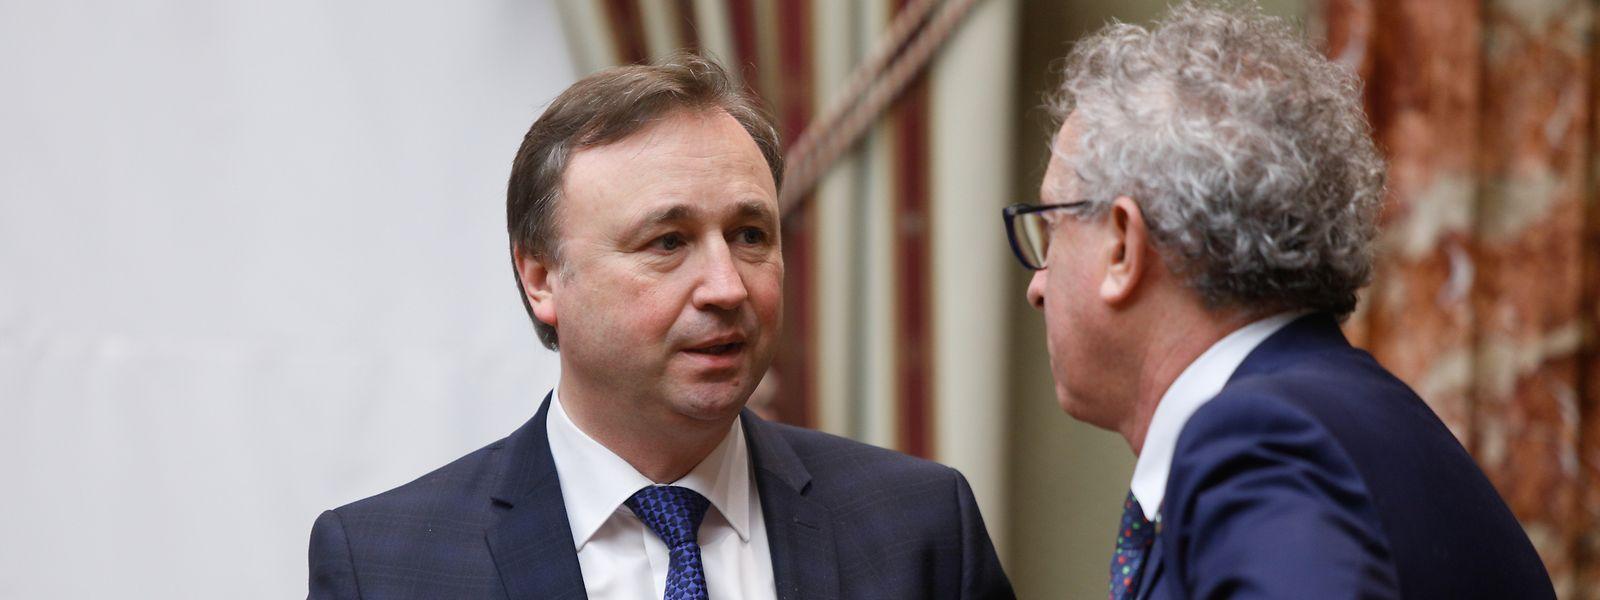 Le député André Bauler (DP) a pu entendre les préconisations du ministre des Finances, Pierre Gramegna (DP) ce mardi matin.